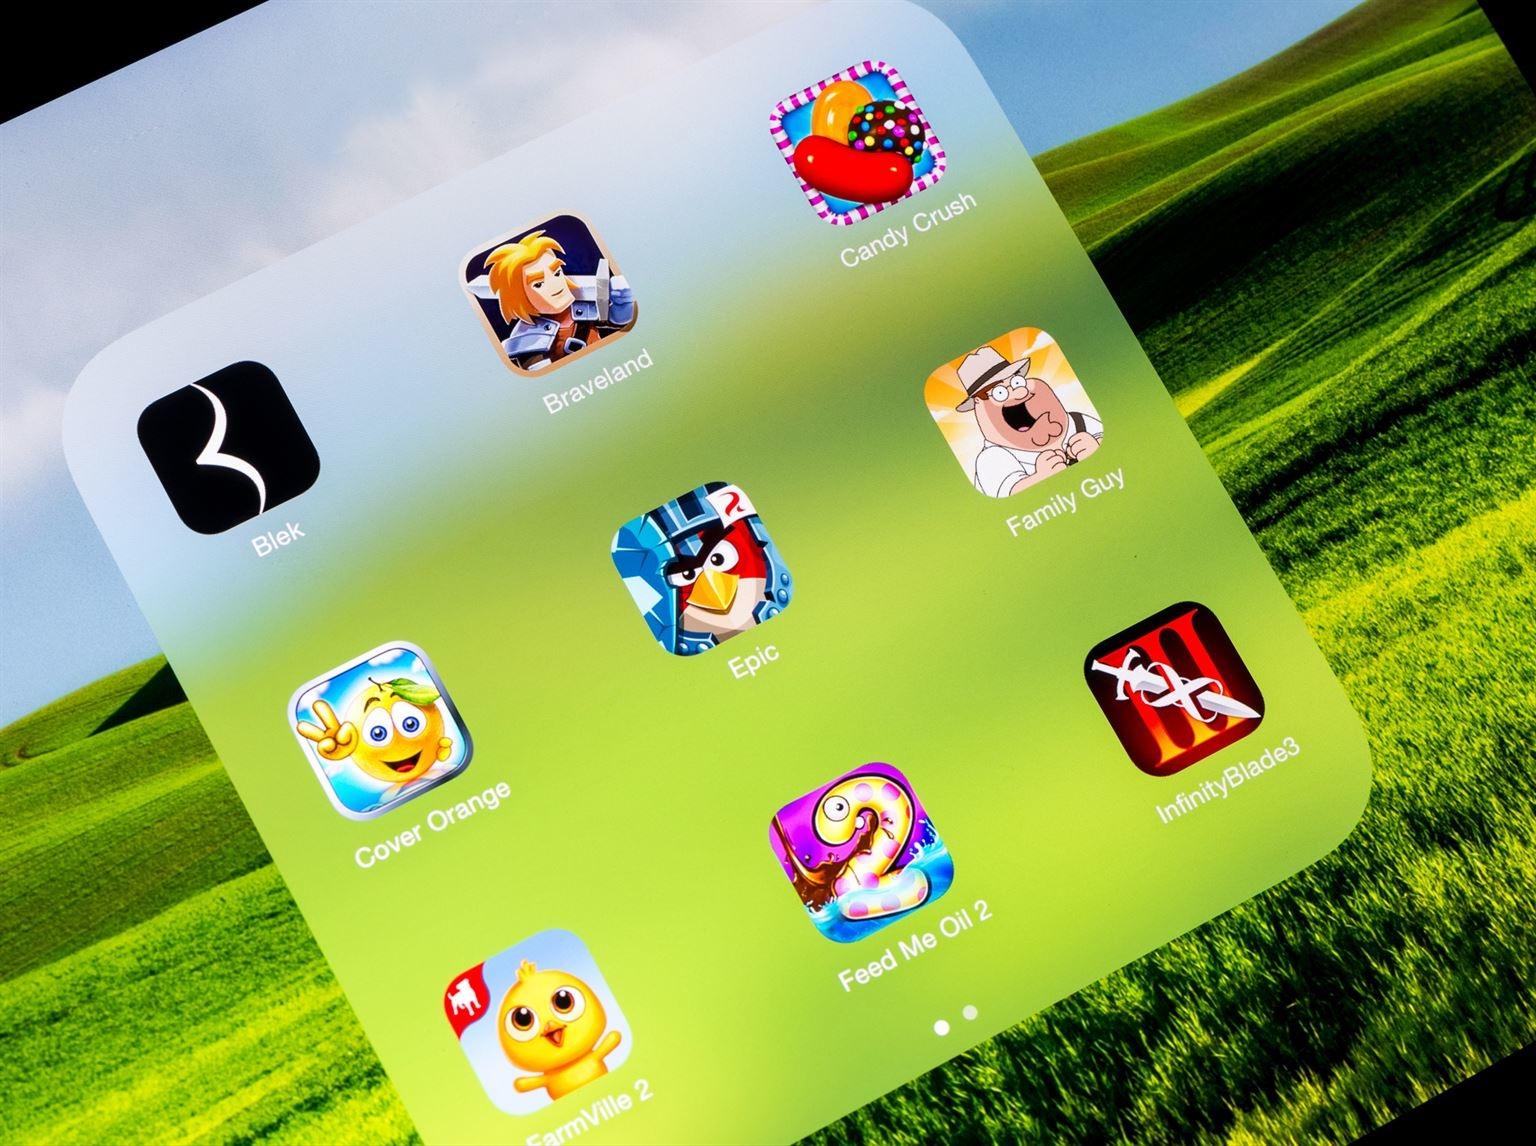 Jeux Sur Tablette: 64 Choix Pour Enfants | Protégez-Vous.ca pour Jeux Intelligents Pour Enfants